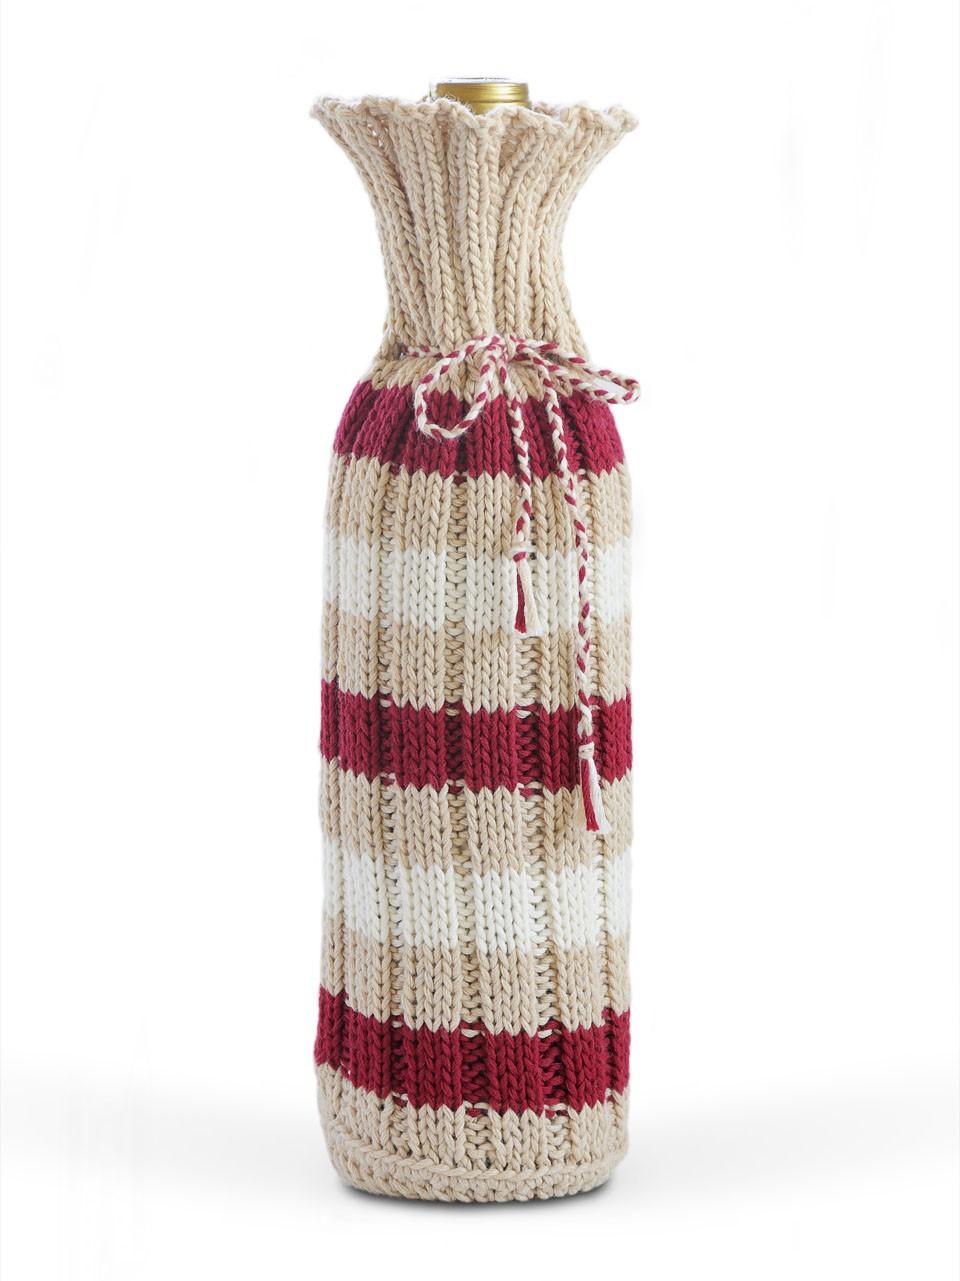 Wine Bottle Cover Knitting Pattern